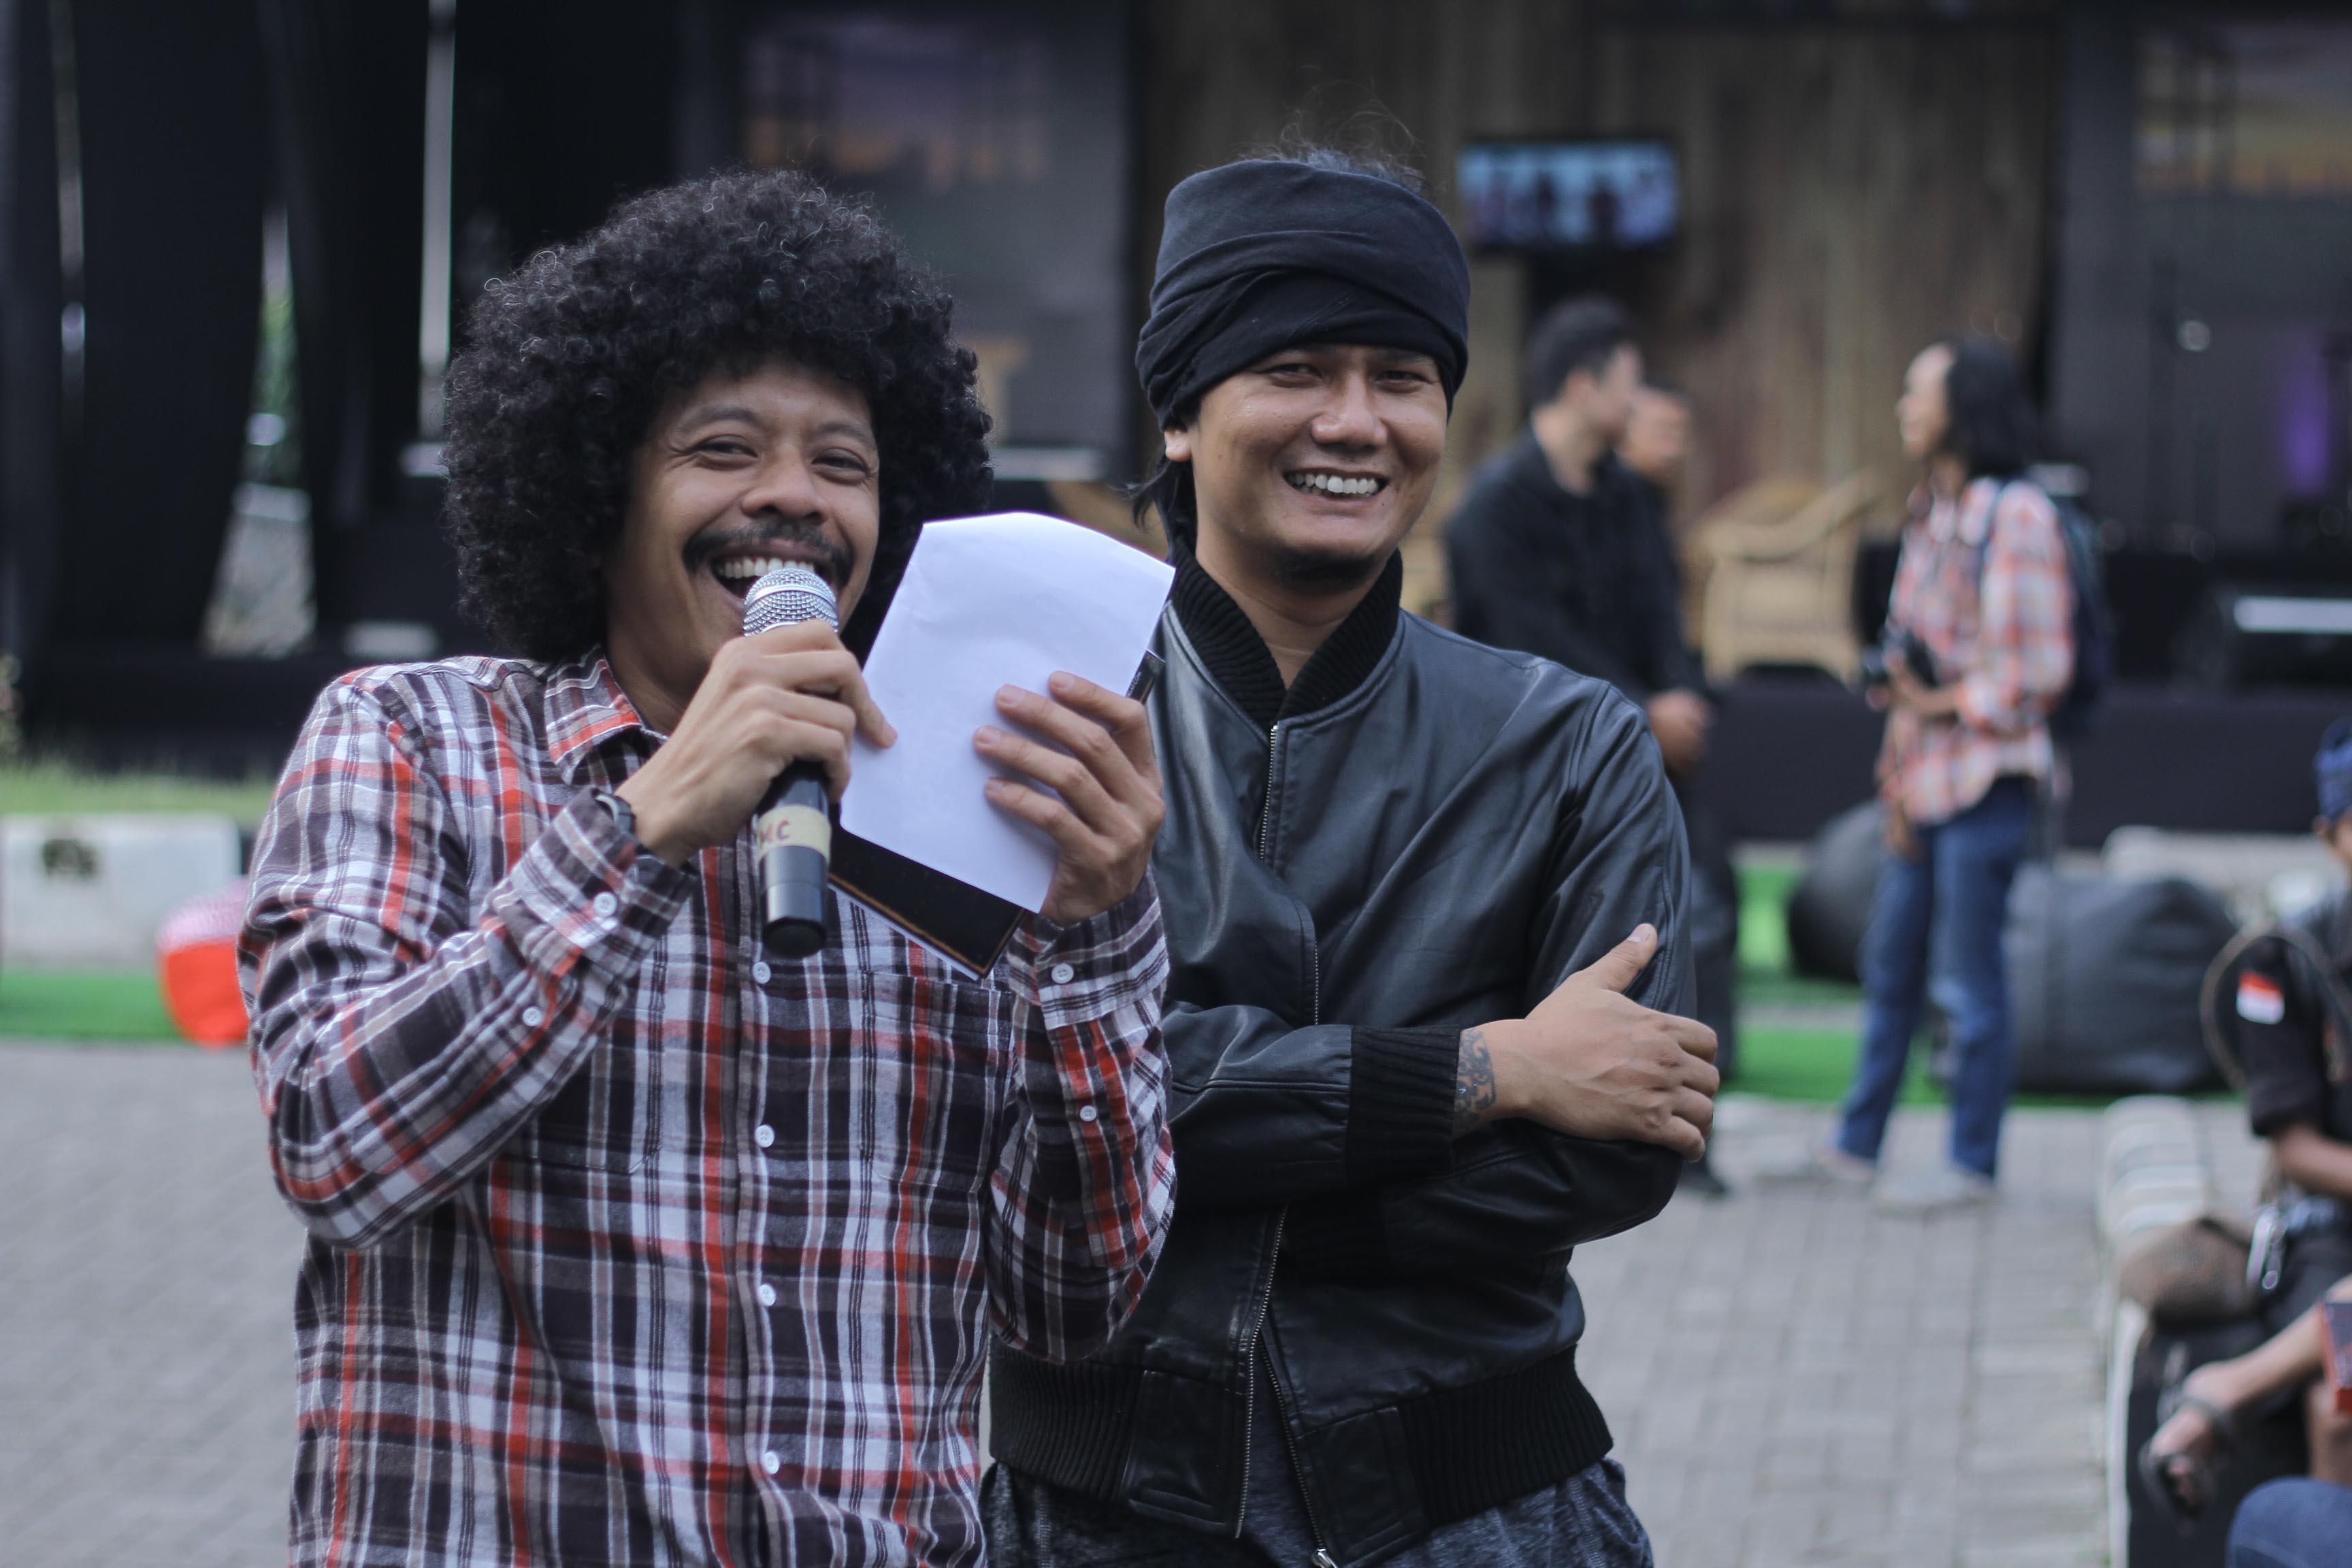 dcdc ngabuburit goes to campu berita musik indie